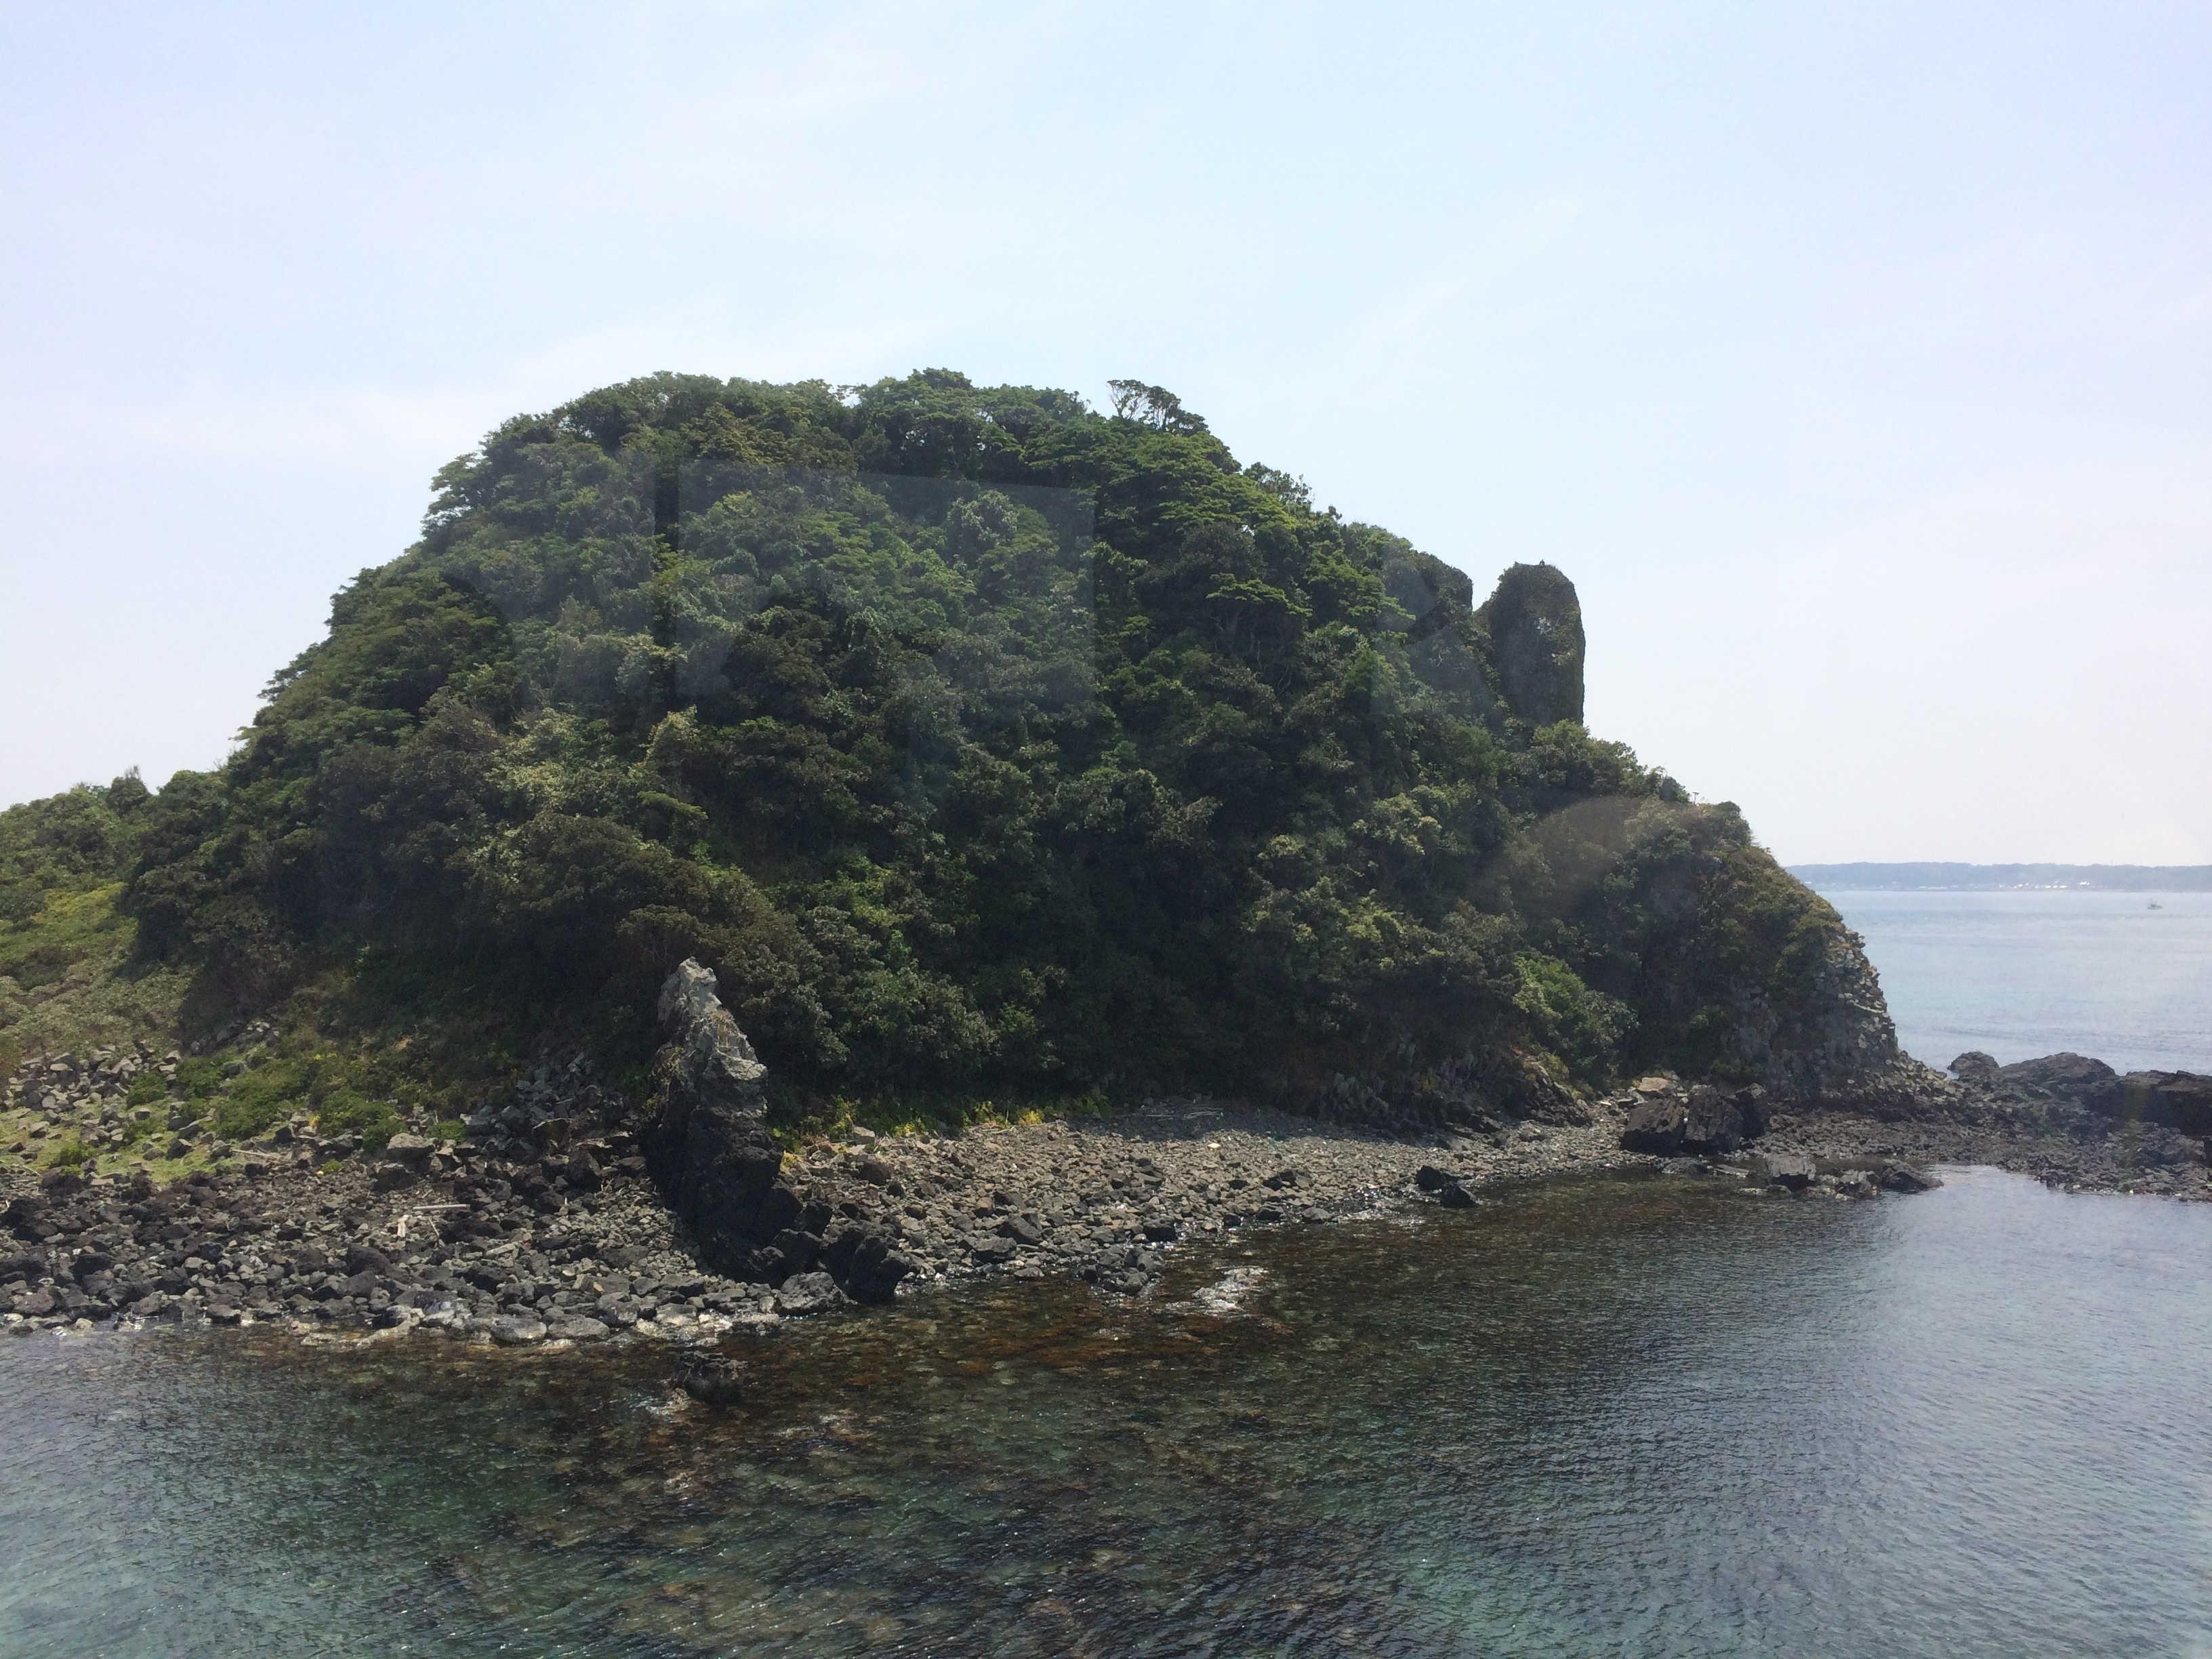 角島大橋からの景観